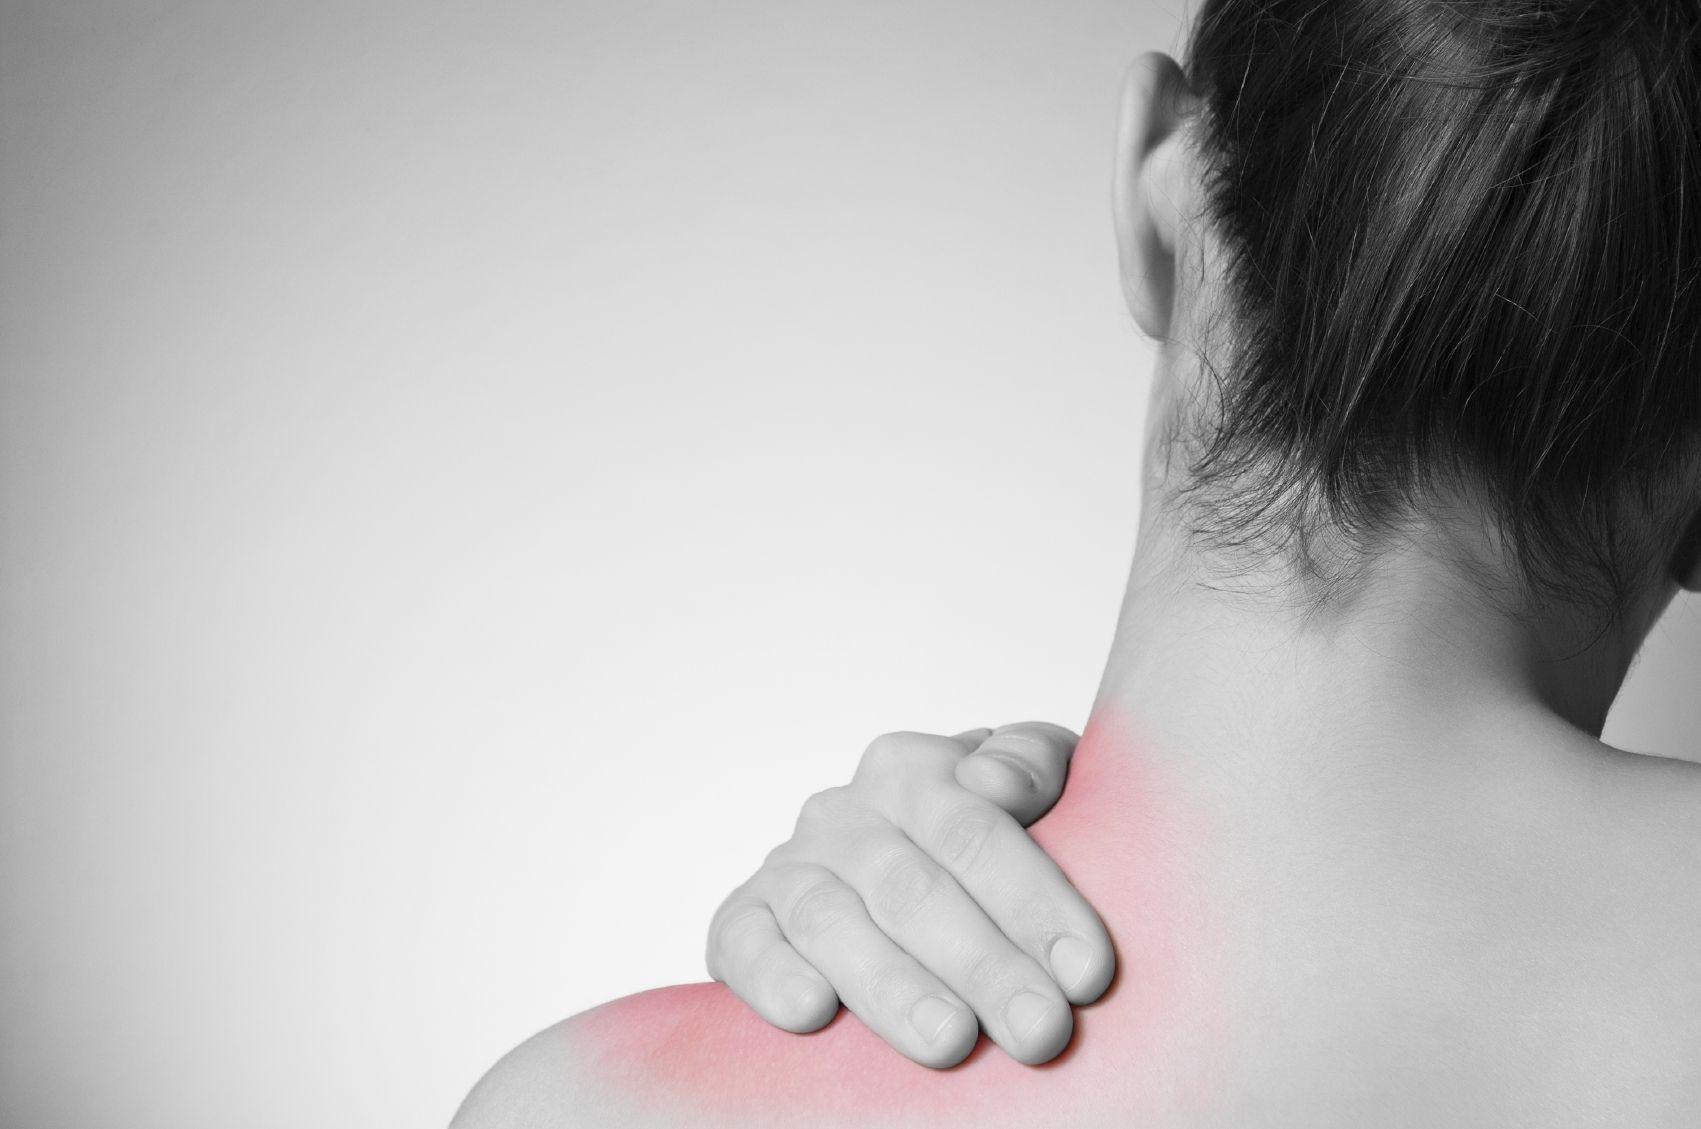 mobilizacja kręgosłupa szyjnego